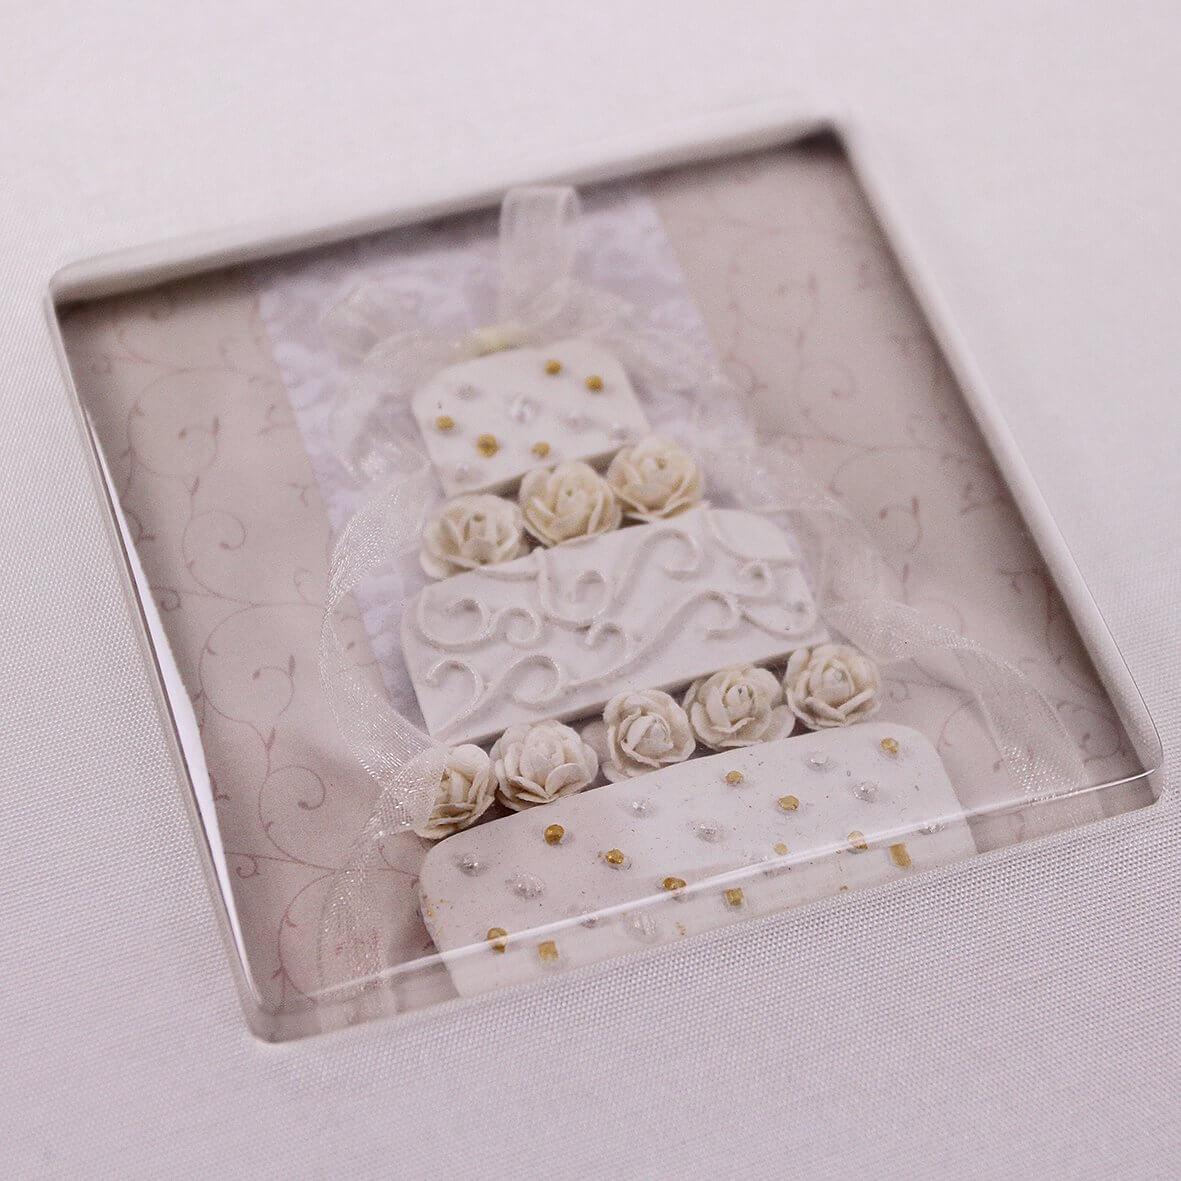 Wedding Cake Handmade Silk Guest Book - Detail